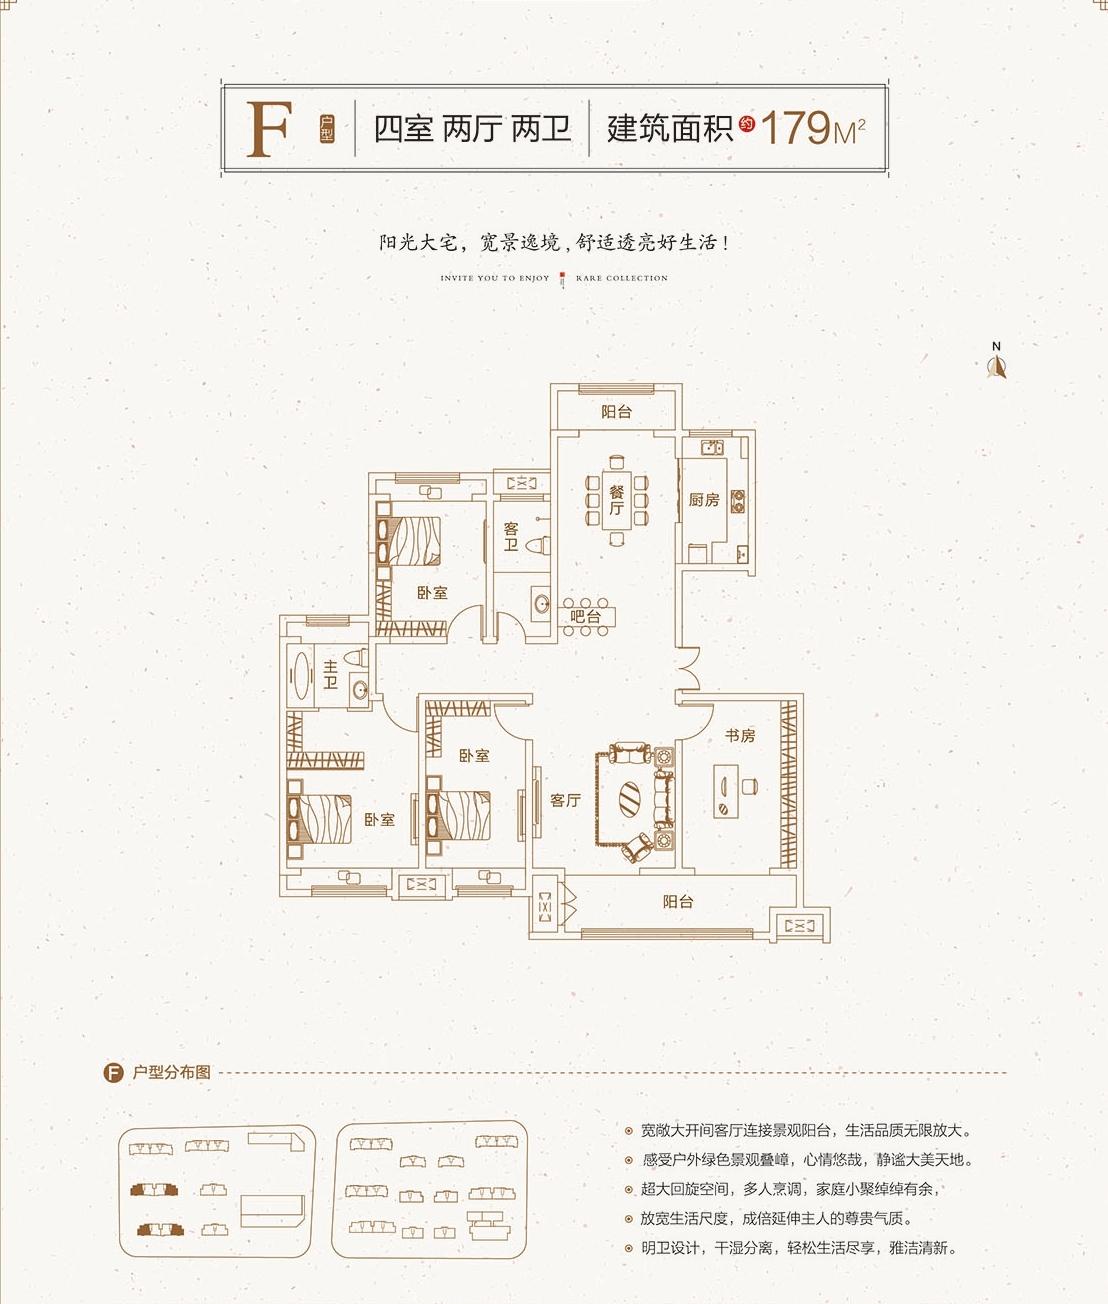 新盛上和园F户型179㎡四室两厅两卫